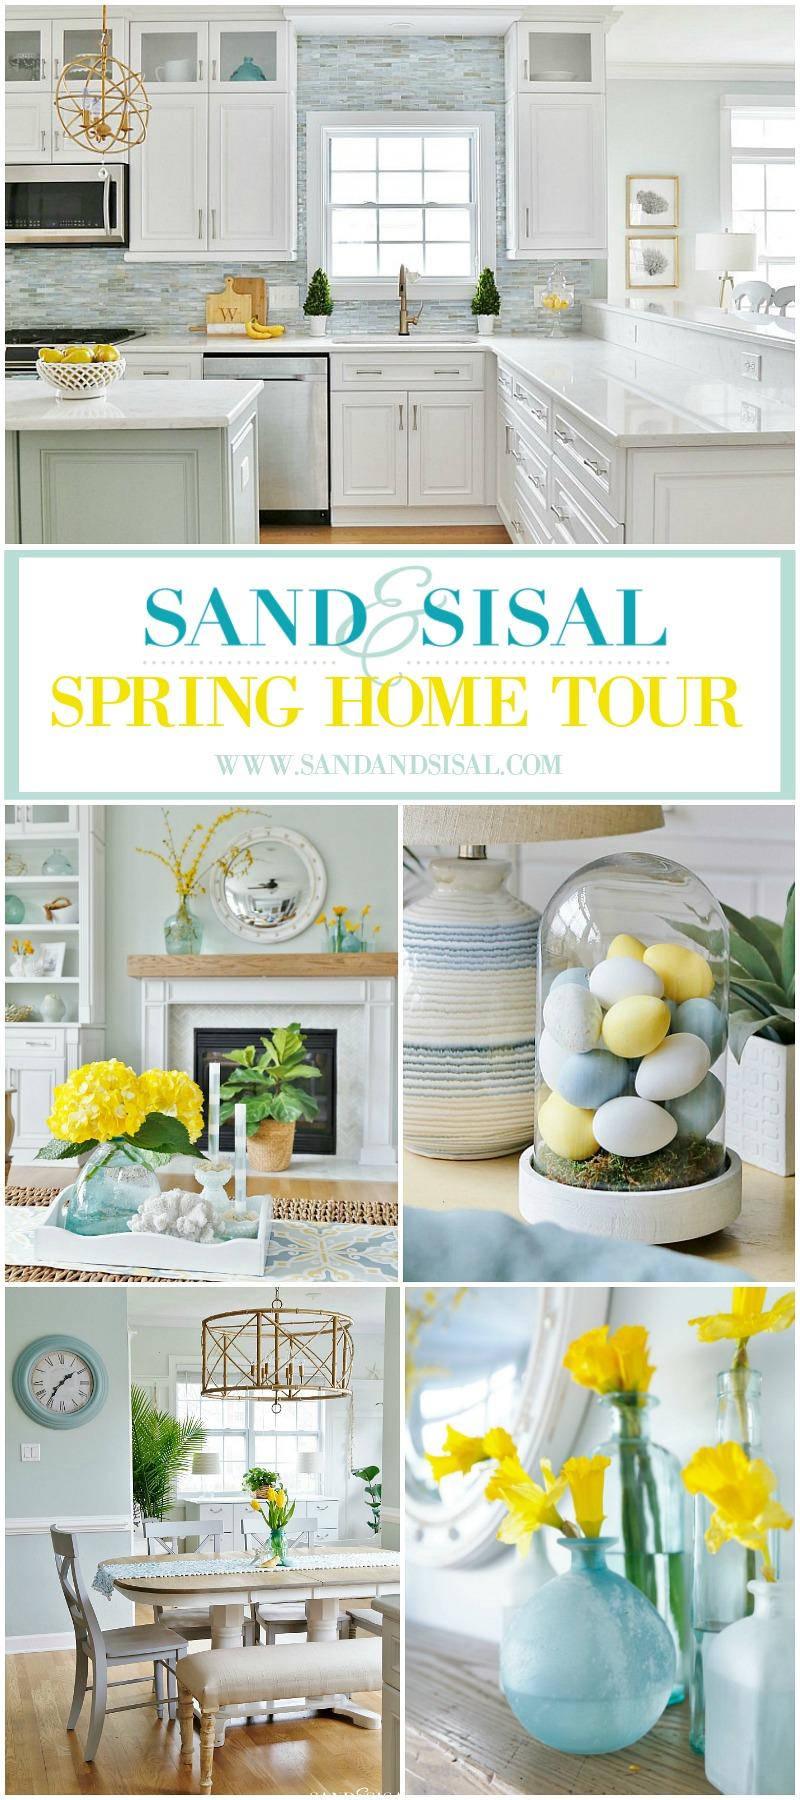 Sand & Sisal Spring Home Tour